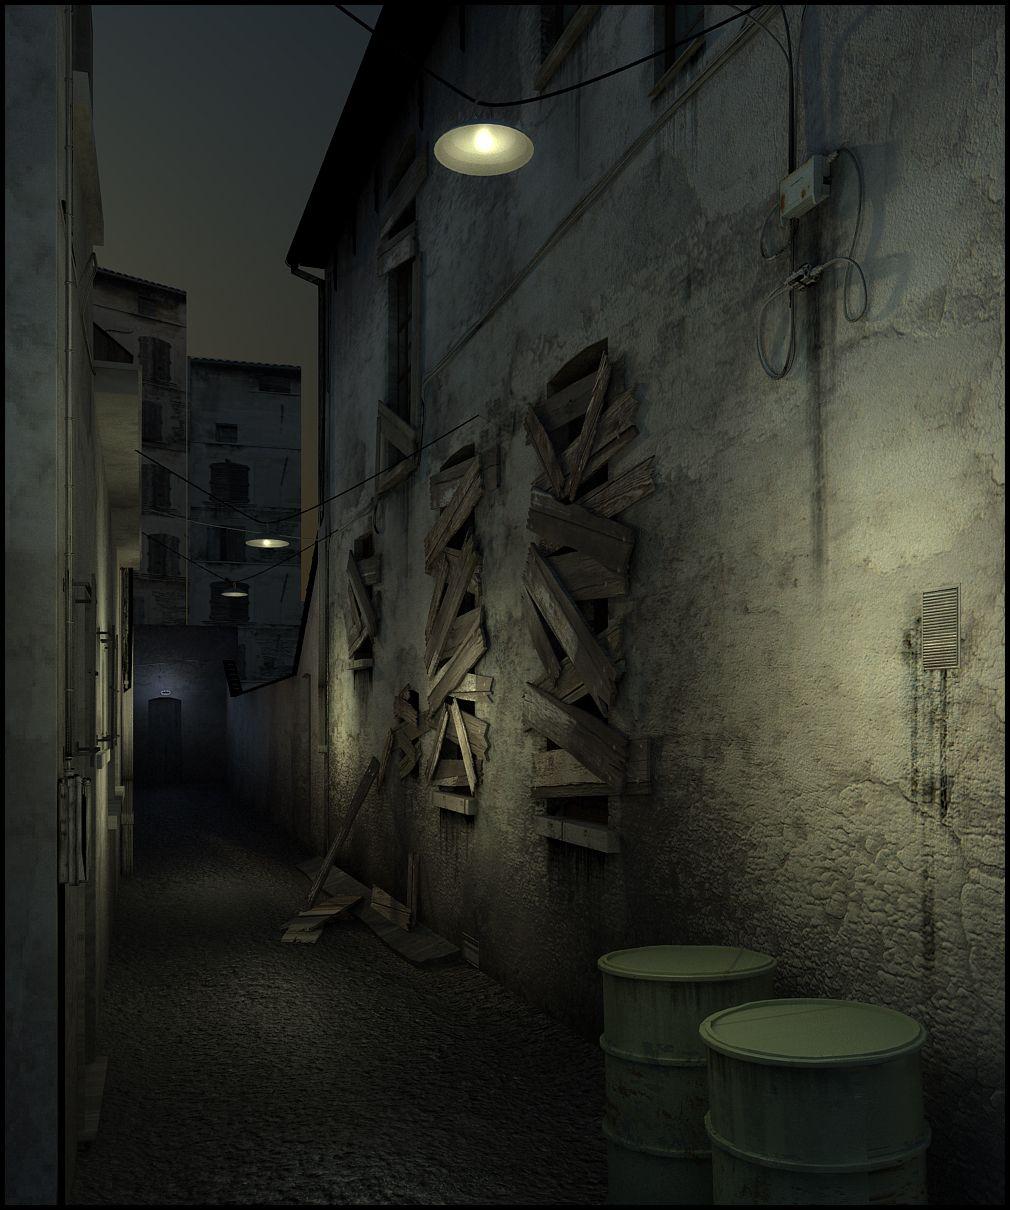 Dark alley.